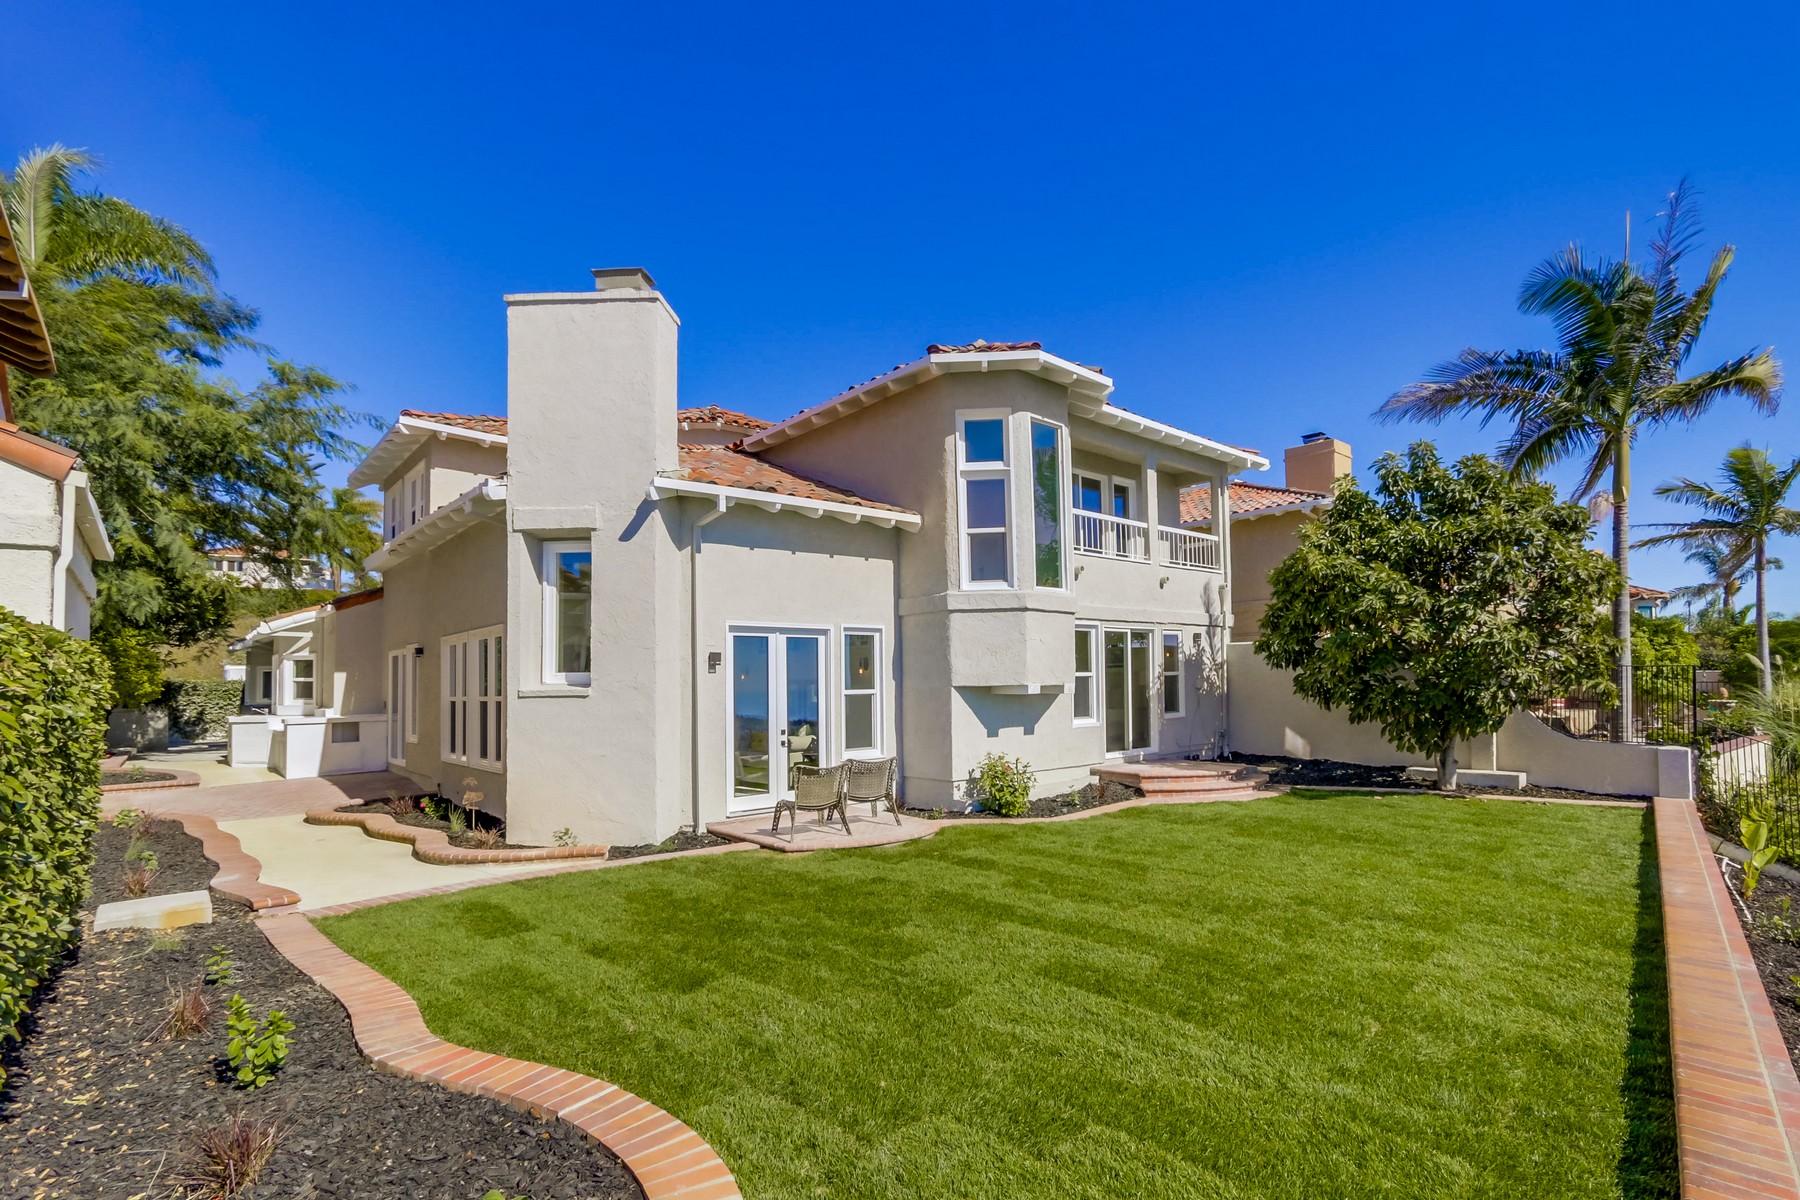 一戸建て のために 売買 アット 517 Avenida Del Verdor San Clemente, カリフォルニア, 92672 アメリカ合衆国